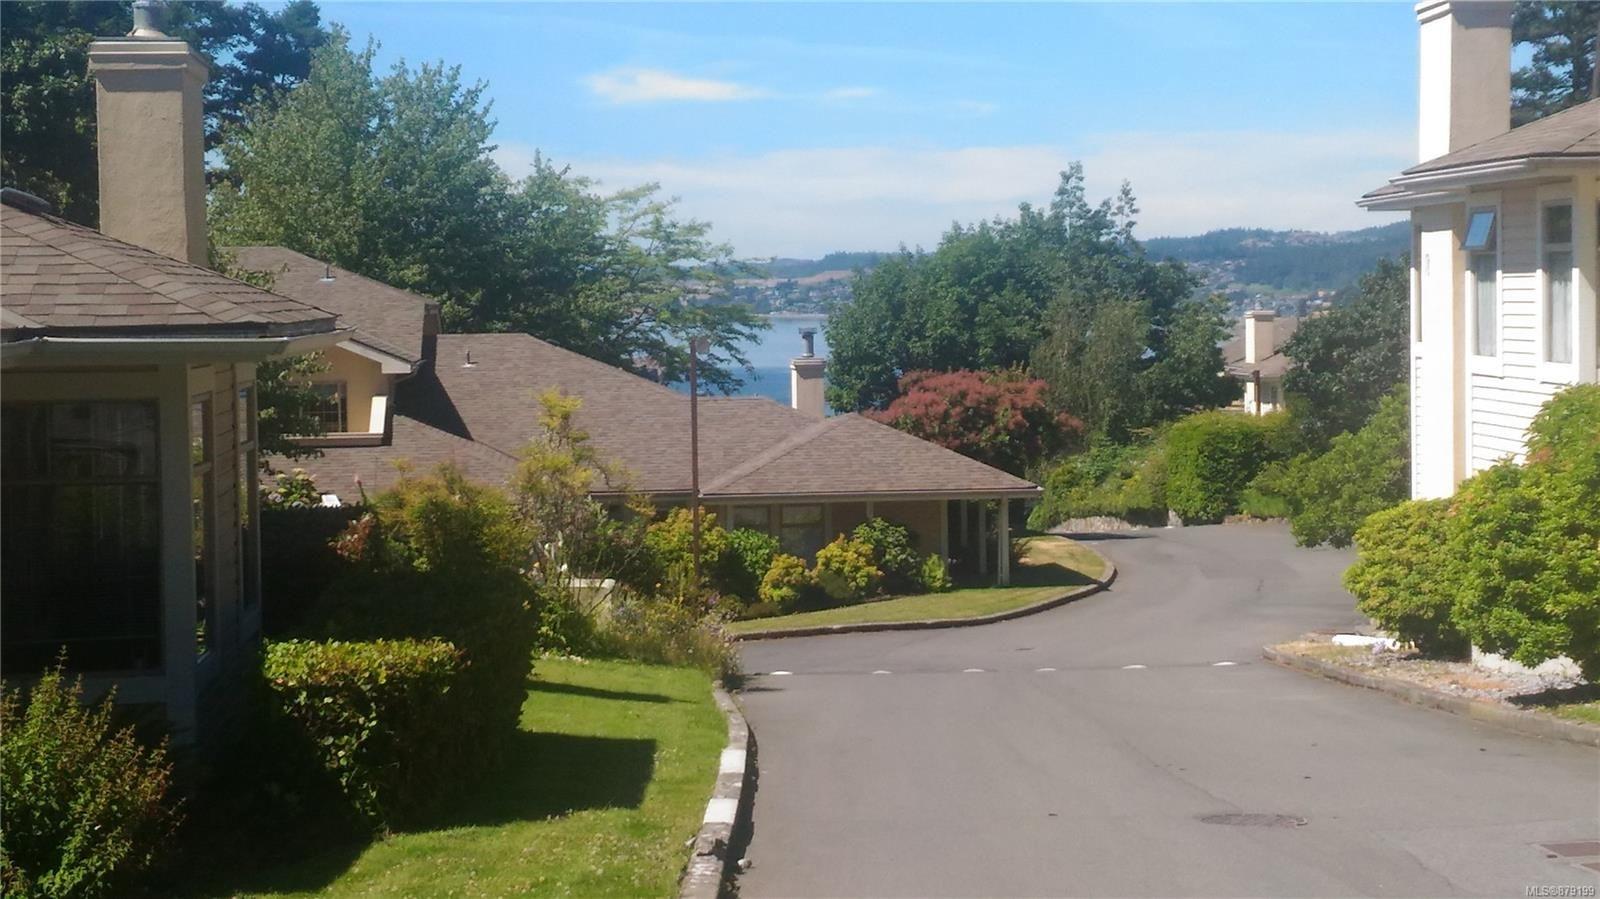 Main Photo: 18 909 Admirals Rd in Esquimalt: Es Esquimalt Row/Townhouse for sale : MLS®# 879199